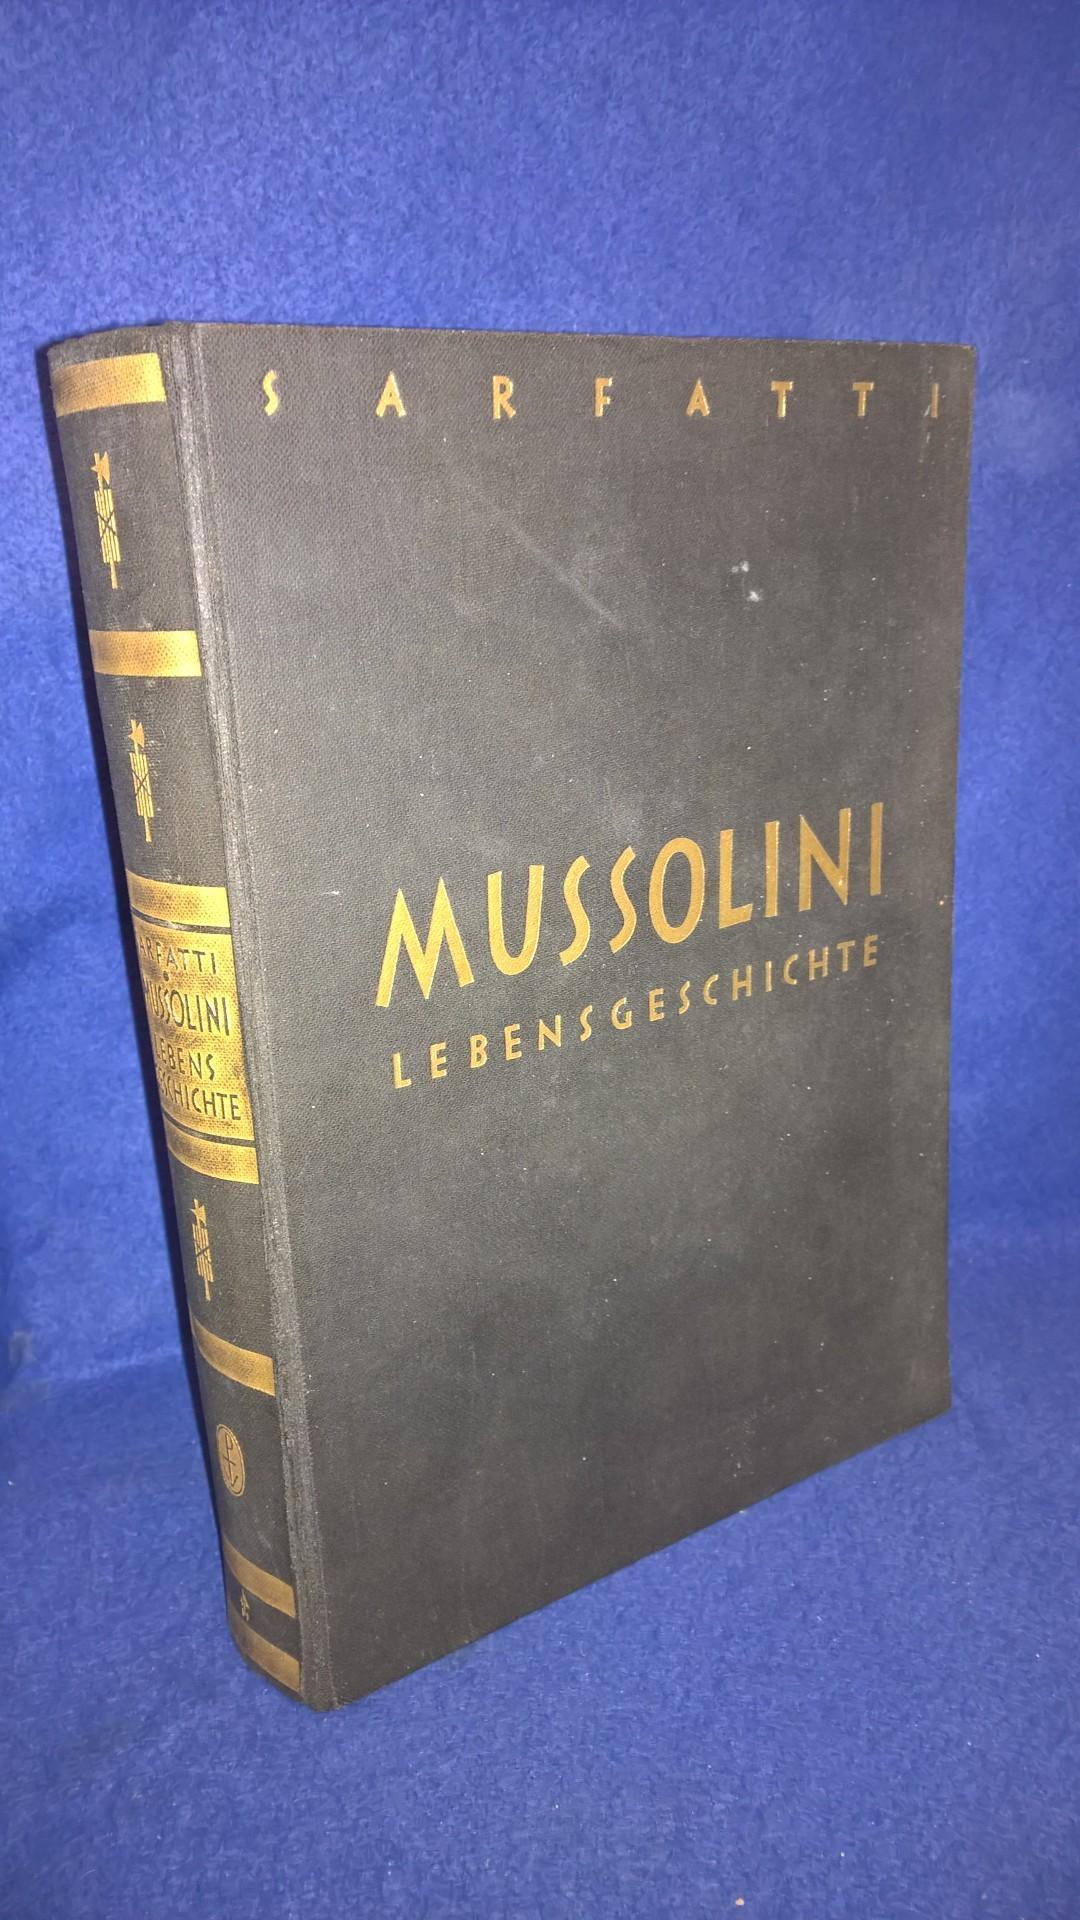 Mussolini. Lebensgeschichte nach Autobiographischen Unterlagen.